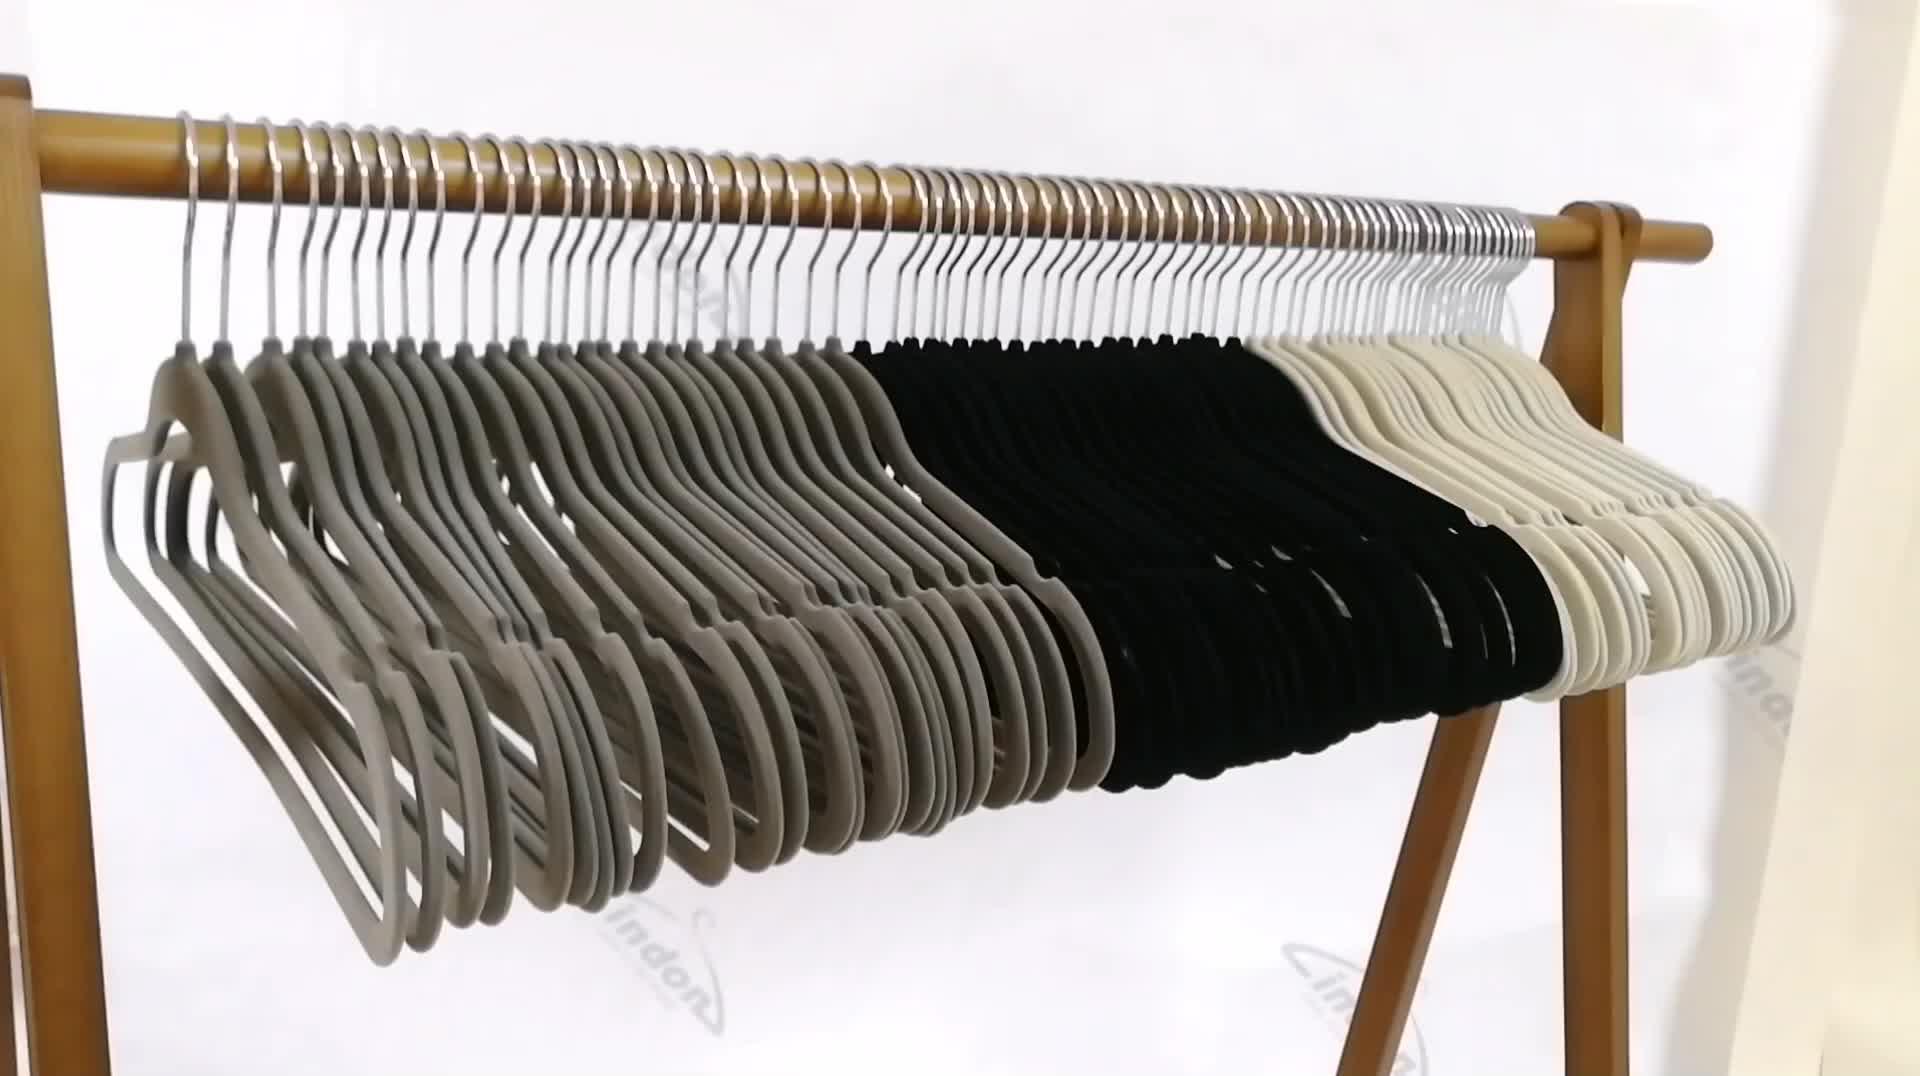 מותאם אישית זול פלסטיק החלקה נהרו בגדי קולבי שחור קטיפה חליפת קולב בד